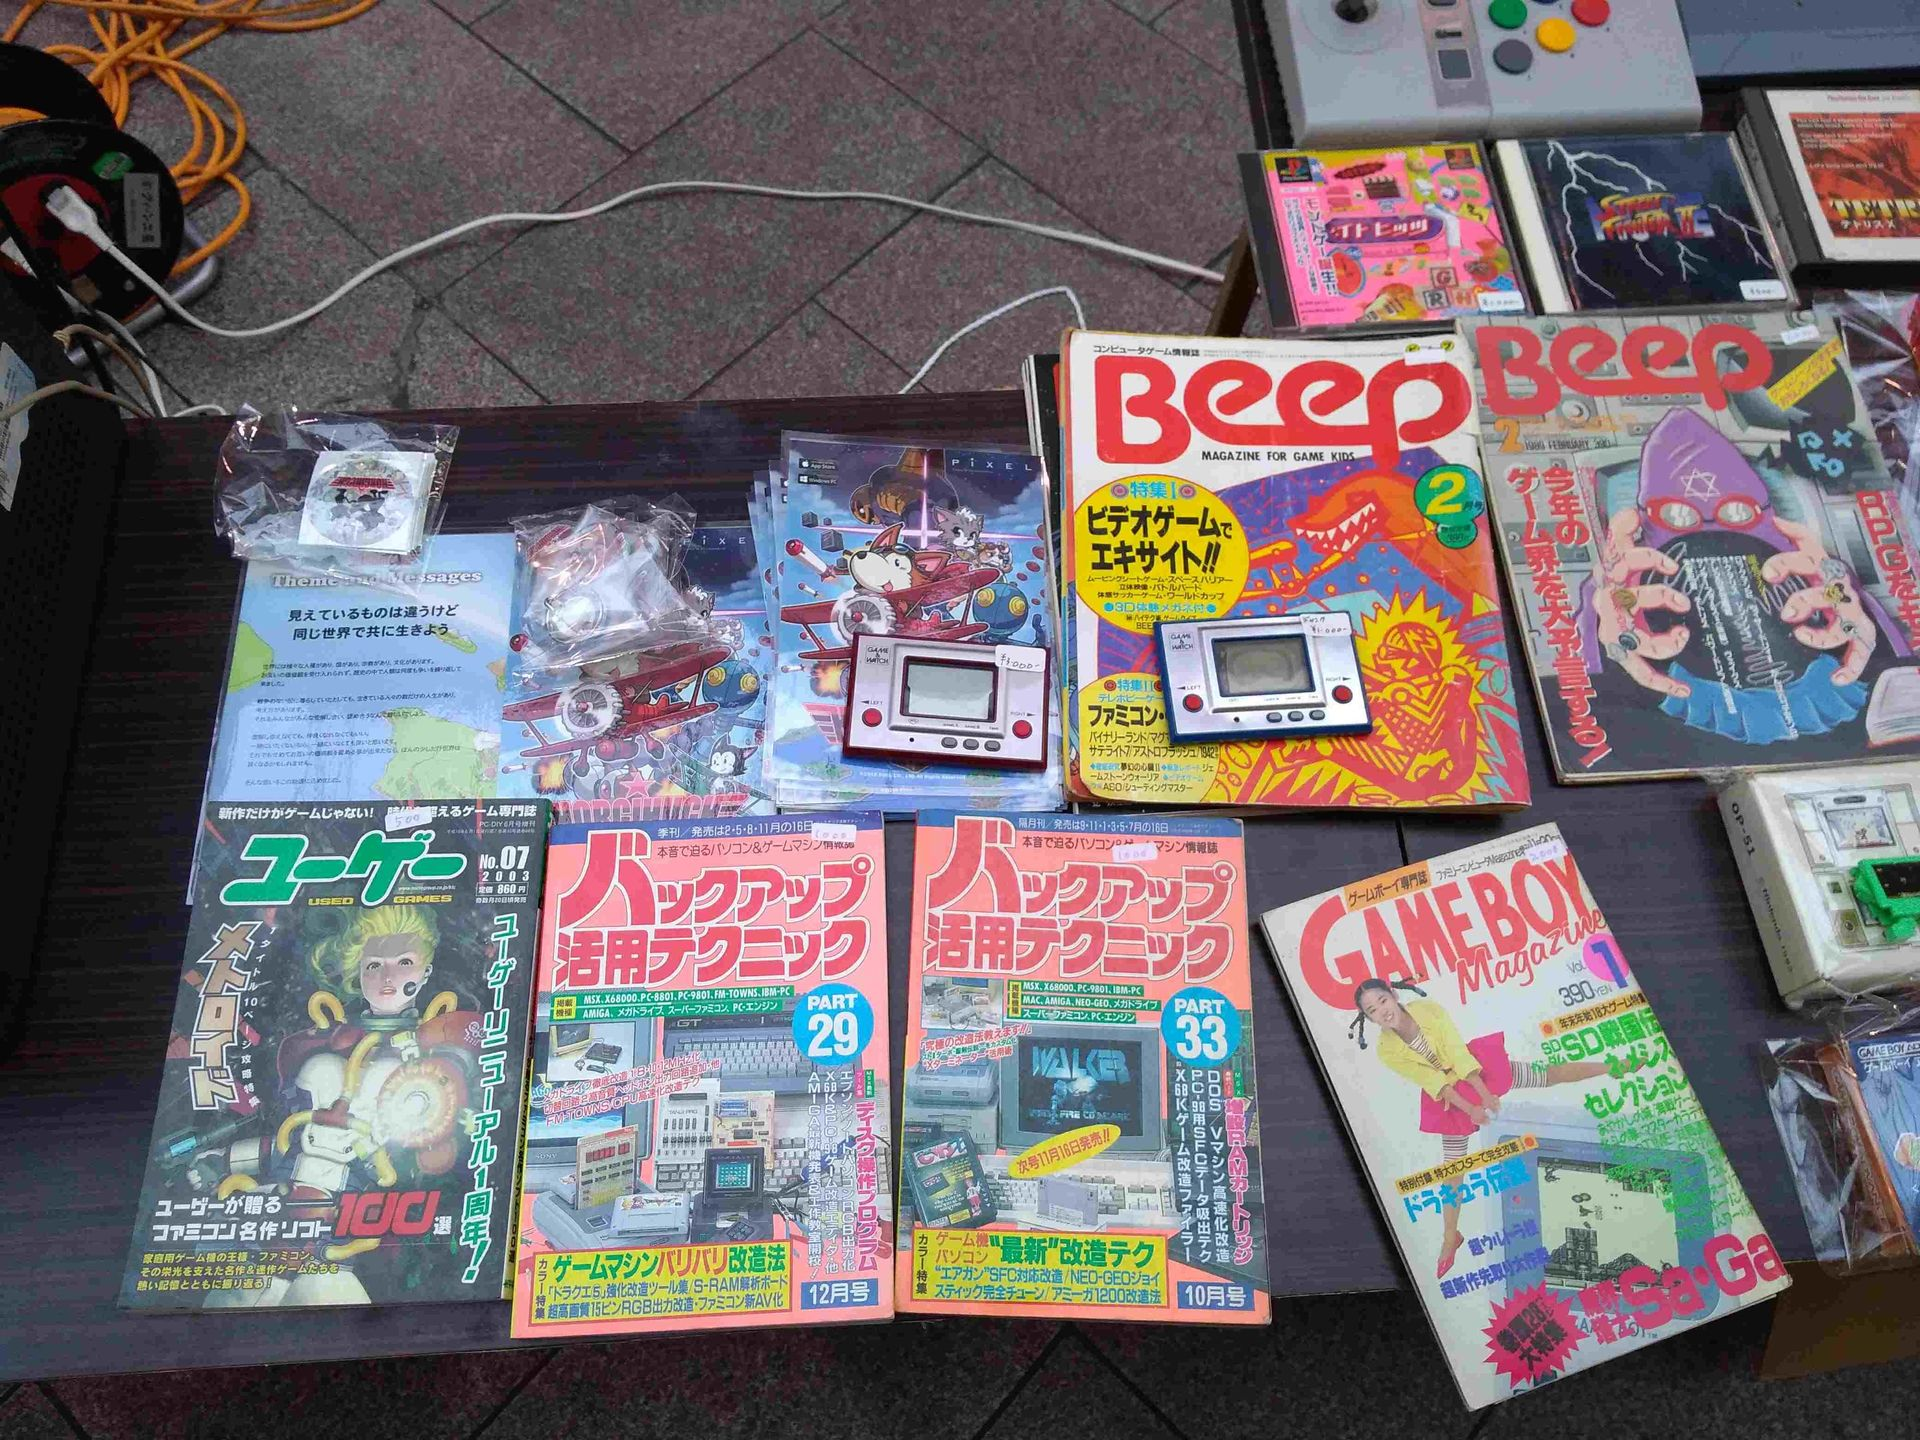 ゲーム雑誌の中でも比較的コアの雑誌が並んでいた。筆者は愛読書であった「バックアップ活用テクニック」に目がいってしまう